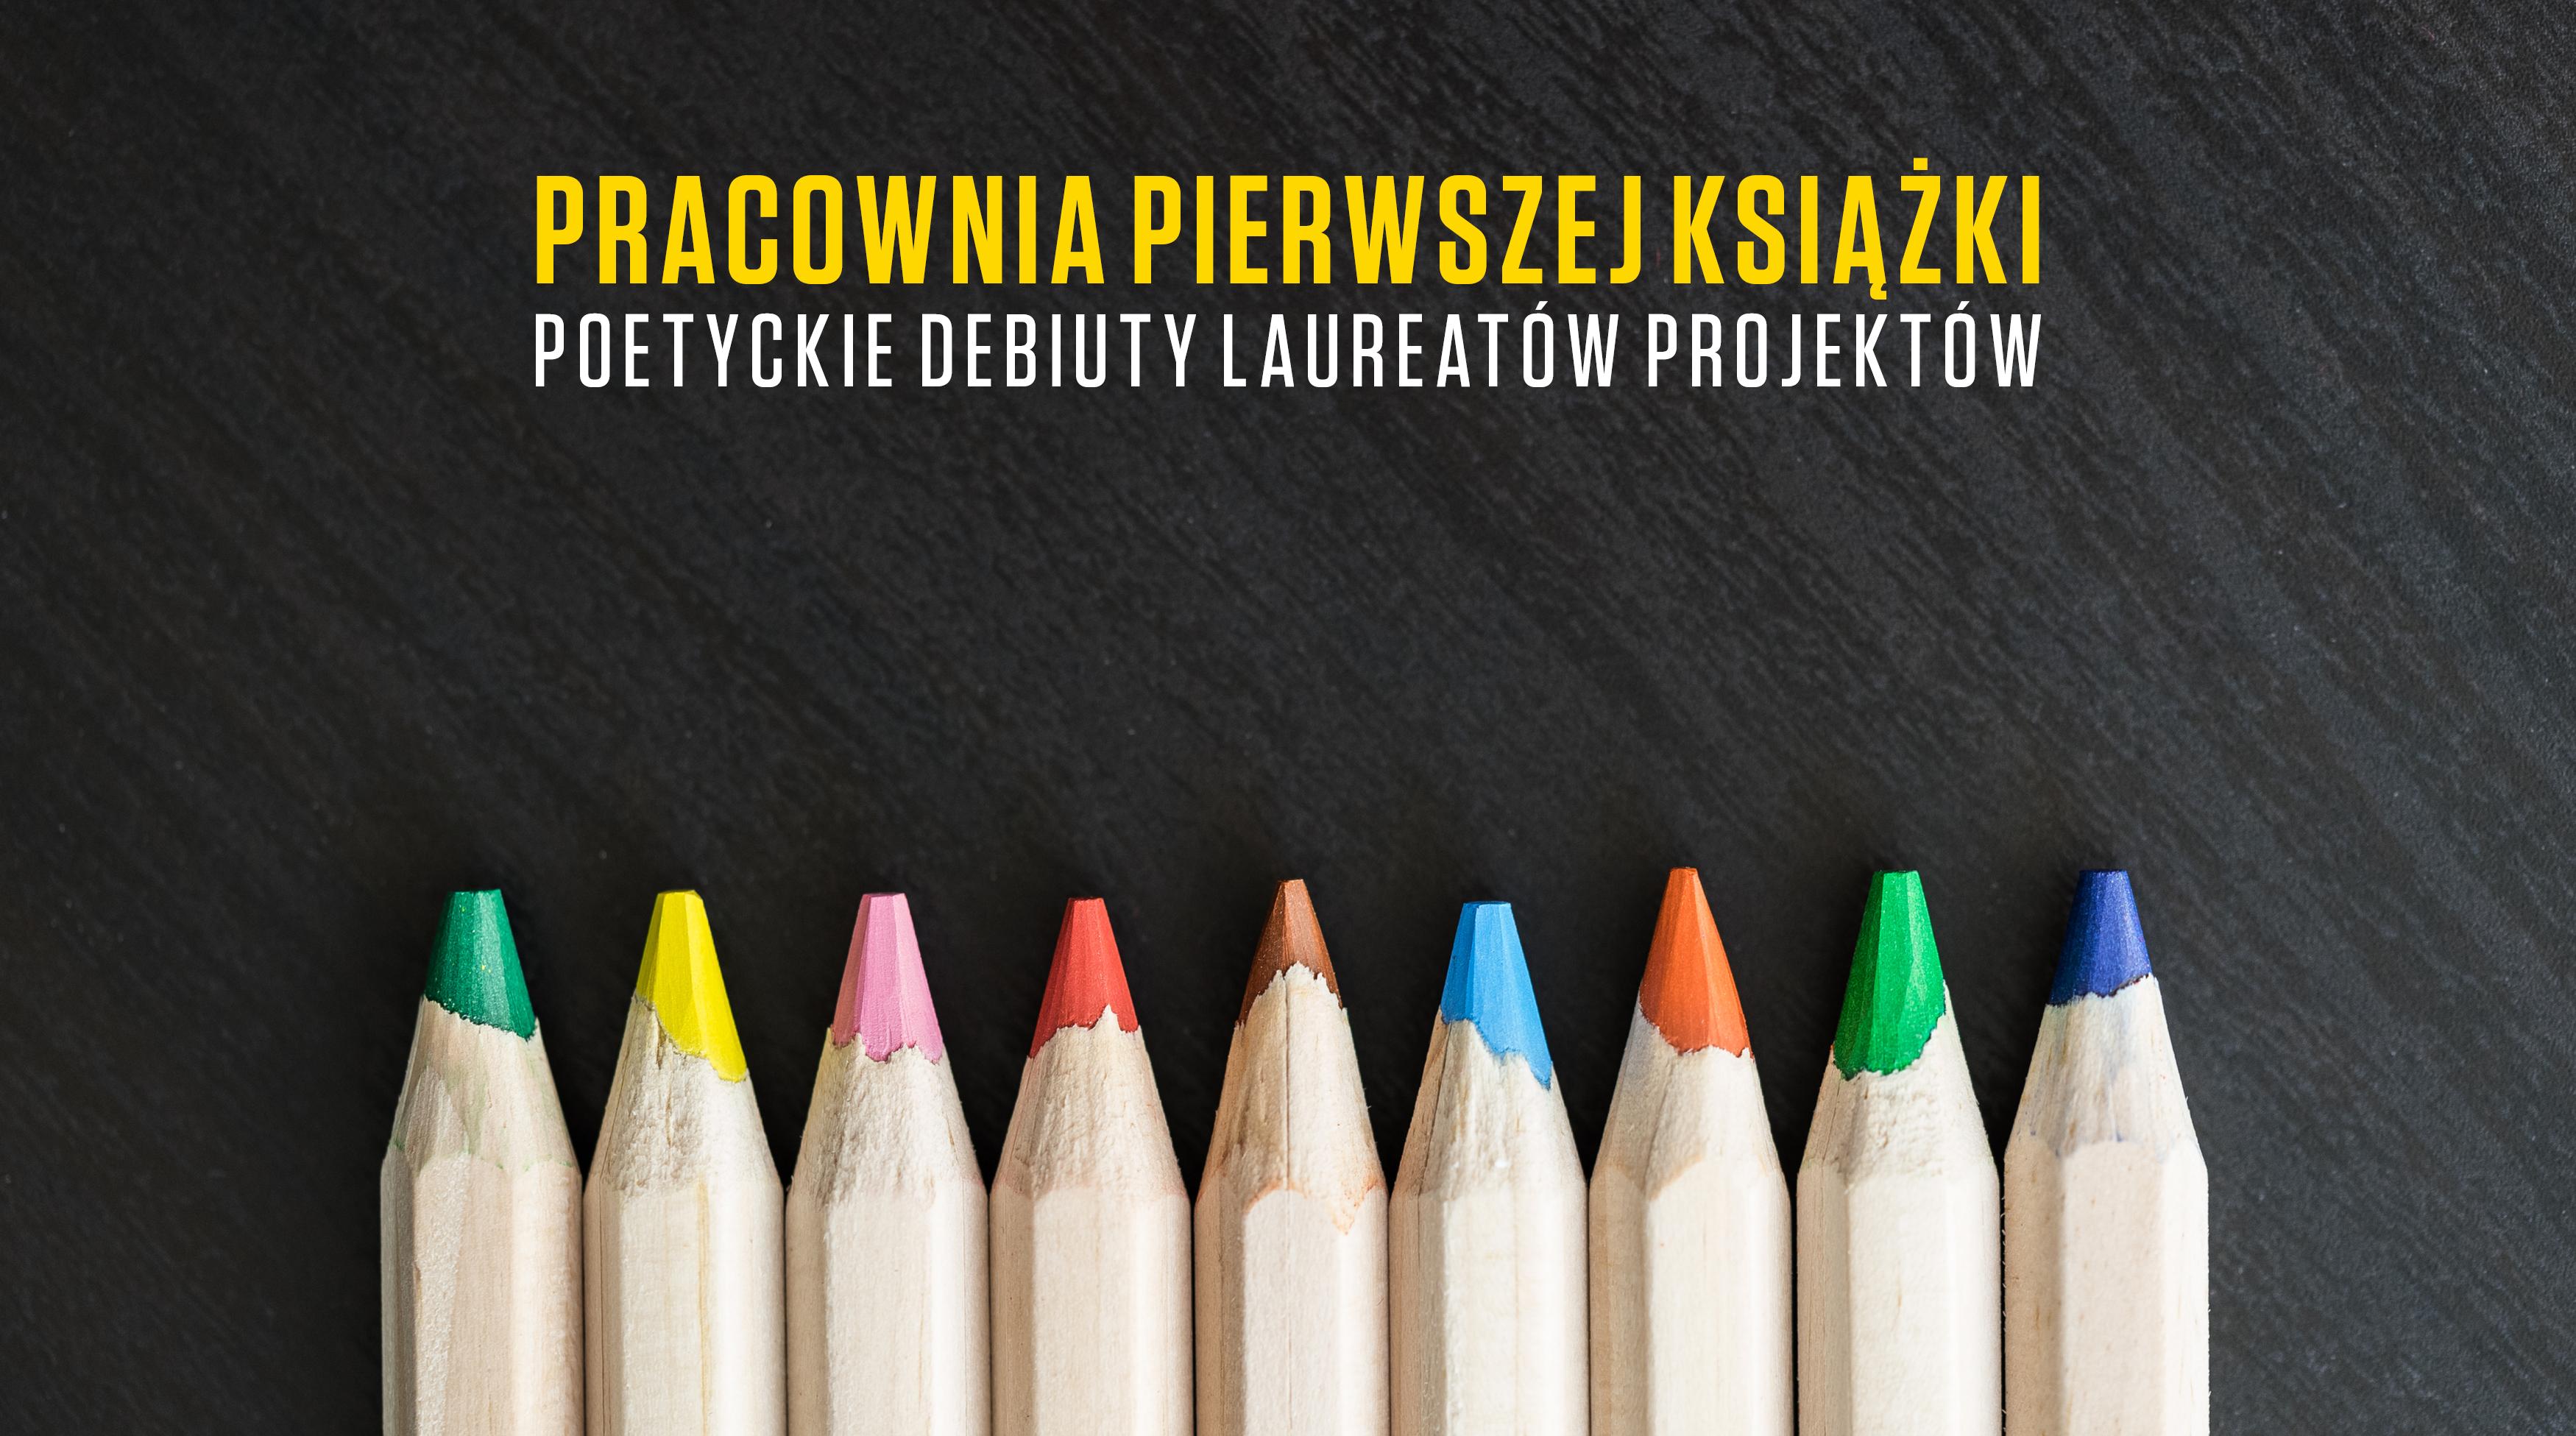 Stacja_Literatura_23__Pracownia_Pierwszej_ksiazki__top